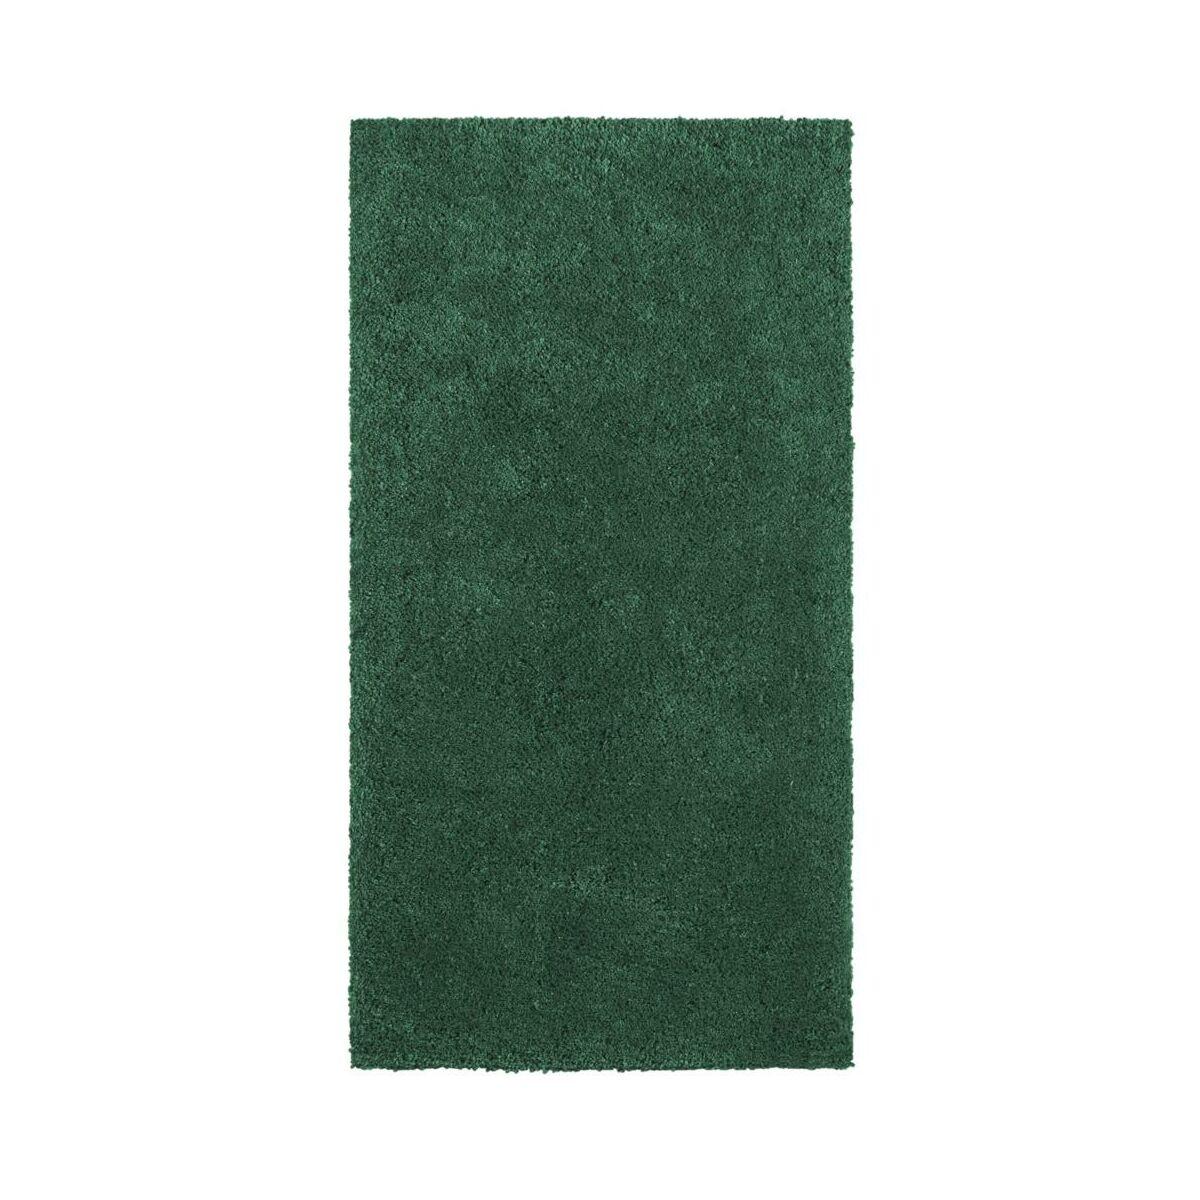 Dywan Shaggy Super Soft Ciemnozielony 60 X 120 Cm Inspire Dywany Wewnetrzne W Atrakcyjnej Cenie W Sklepach Leroy Merlin